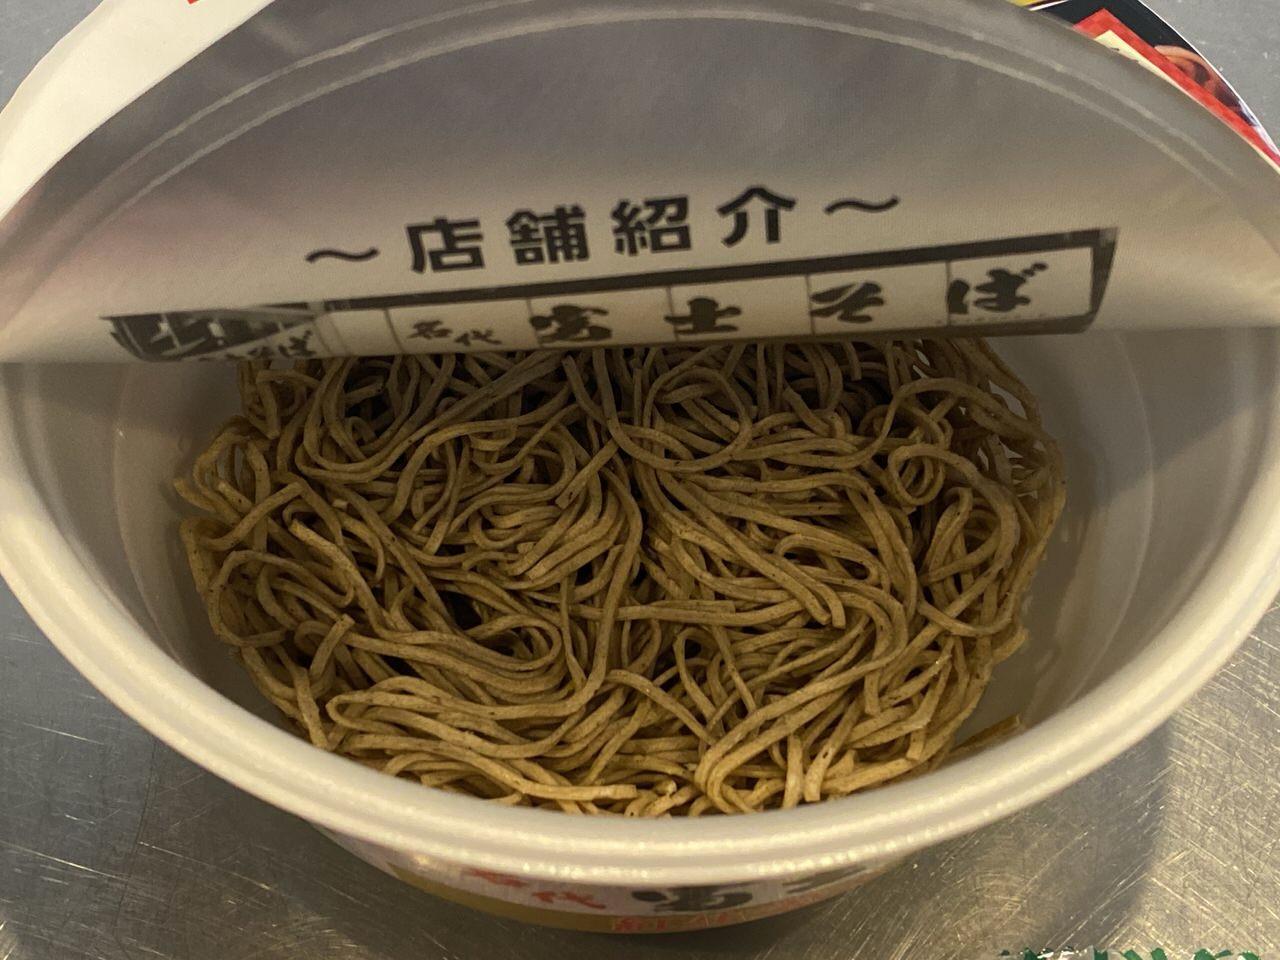 カップ麺「名代 富士そば 紅生姜天そば」1